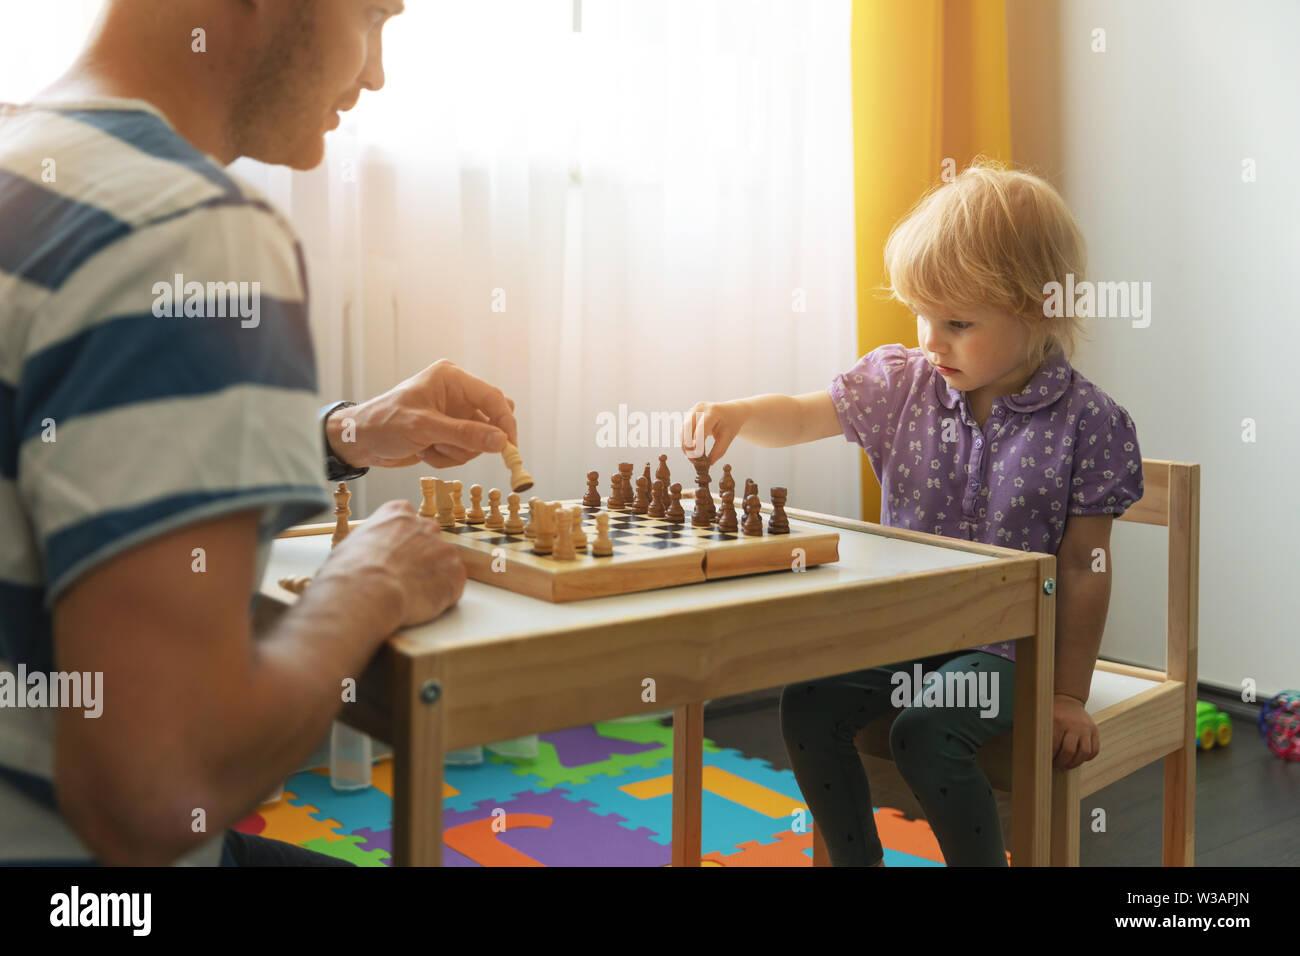 Cerveau jeux - père apprend à jouer aux échecs pour son enfant à la maison Banque D'Images